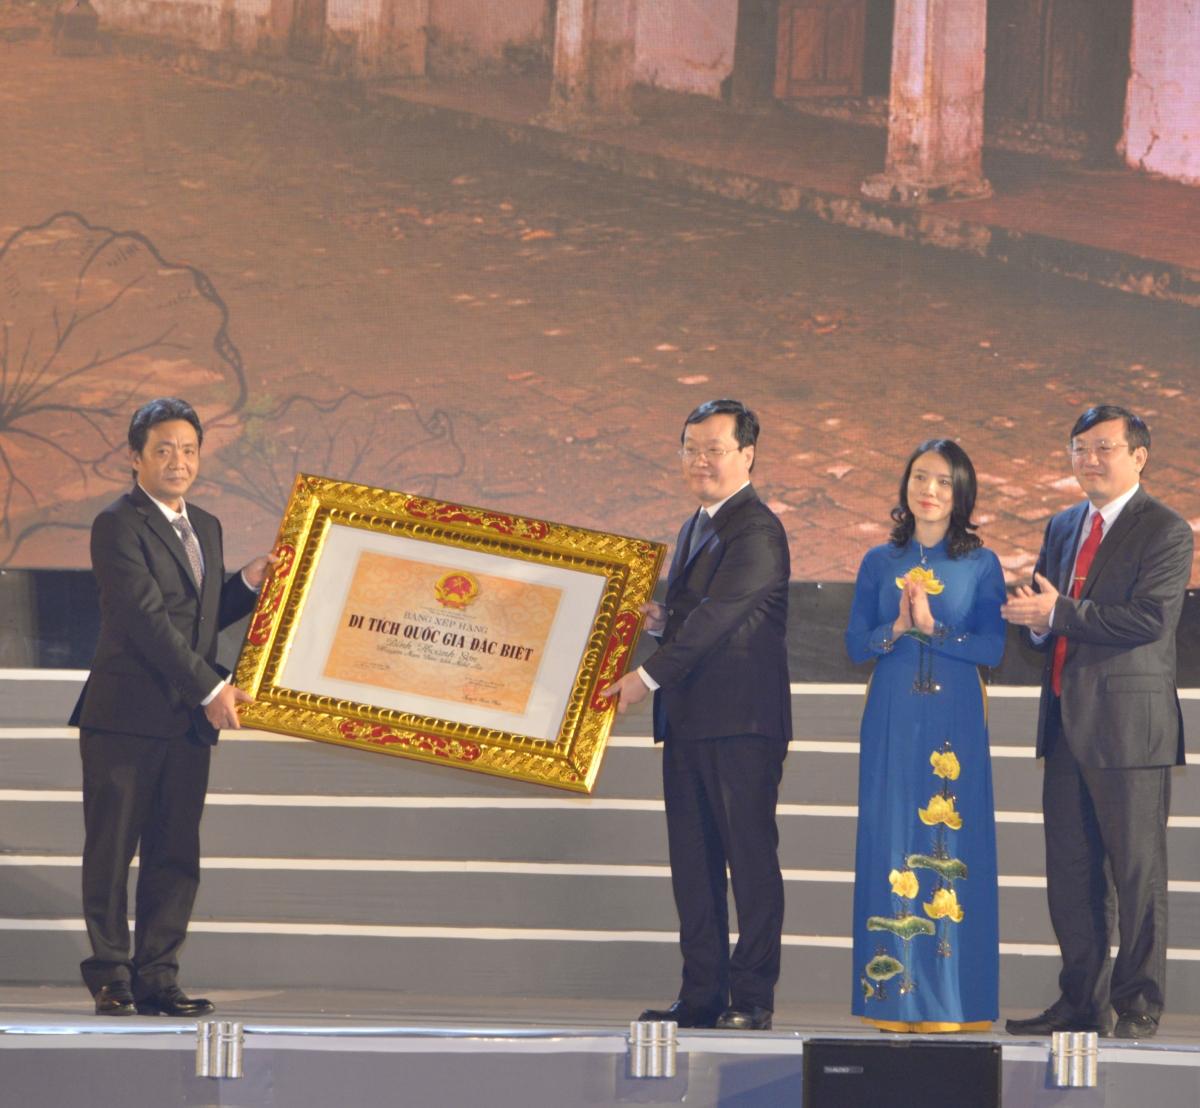 Nghệ An đón nhận bằng di tích Quốc gia đặc biệt Đình Hoàng Sơn.